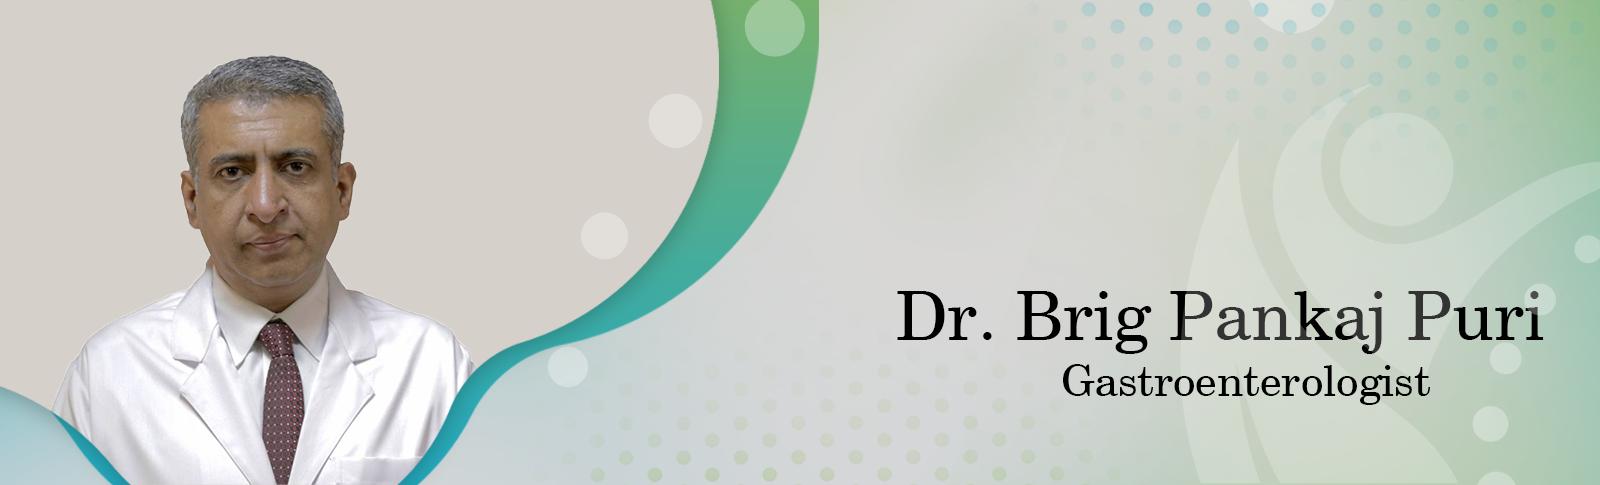 Dr. Brig Pankaj Puri